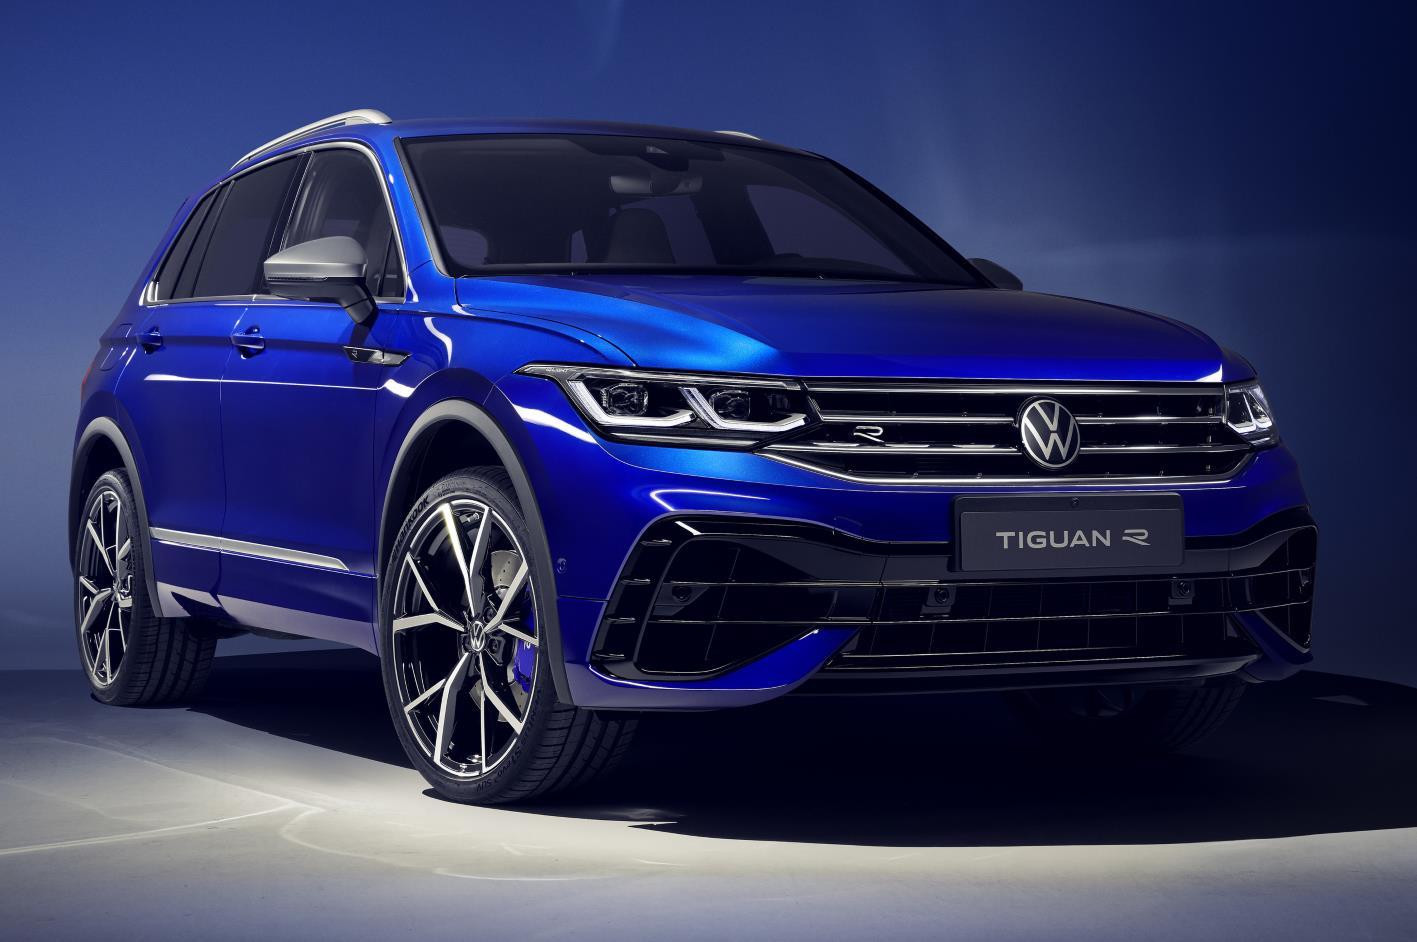 VWの新スポーツカーは、なんとSUV!フォルクスワーゲン ティグアンRが超クール